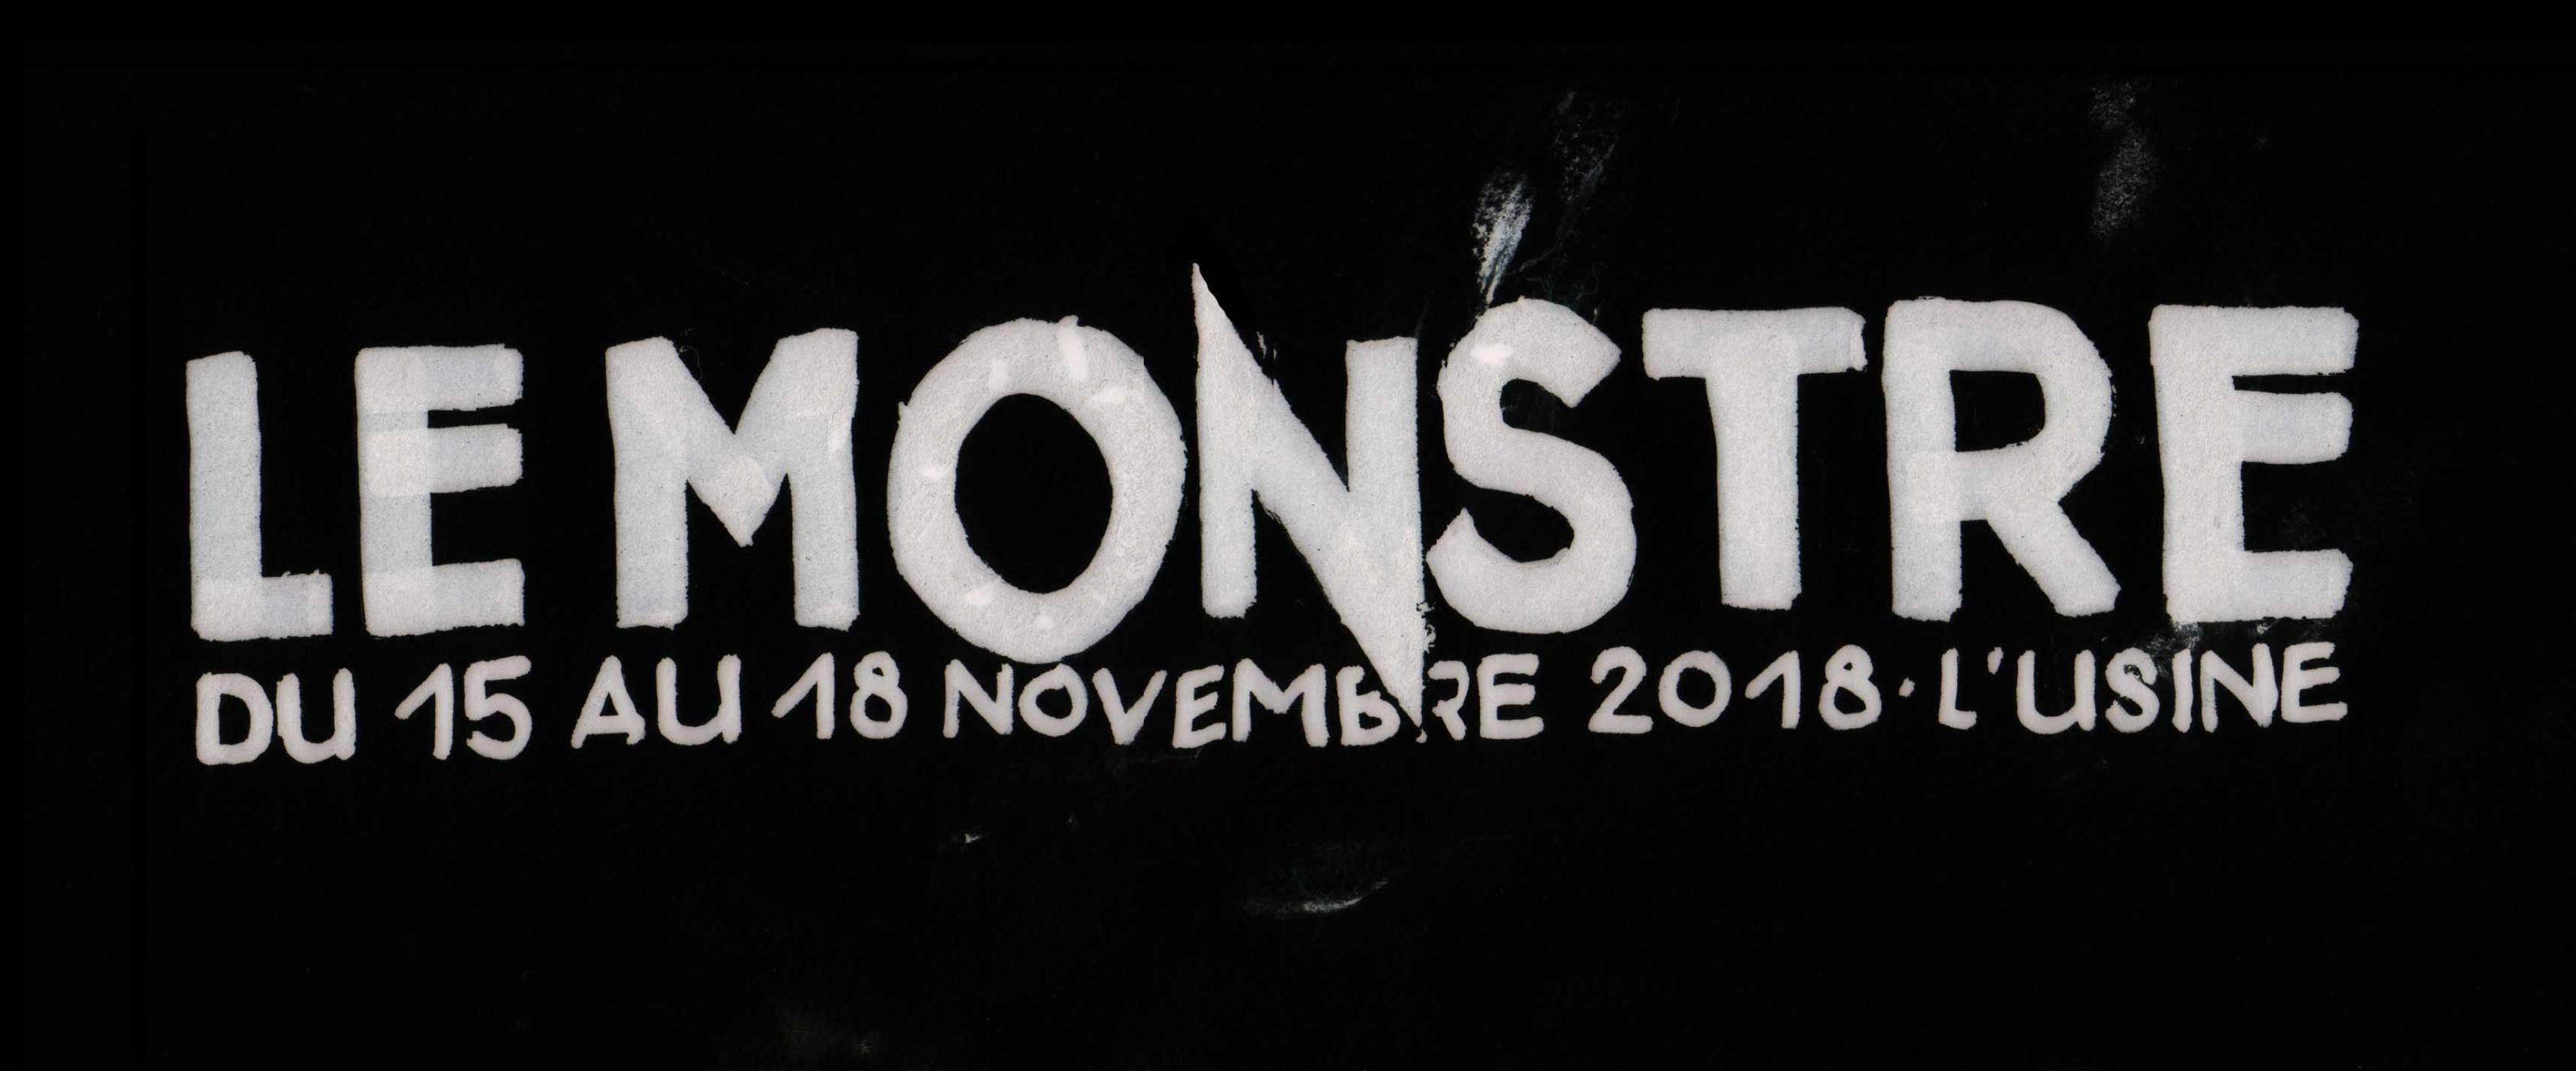 le monstre festival 2018 cinéma spoutnik